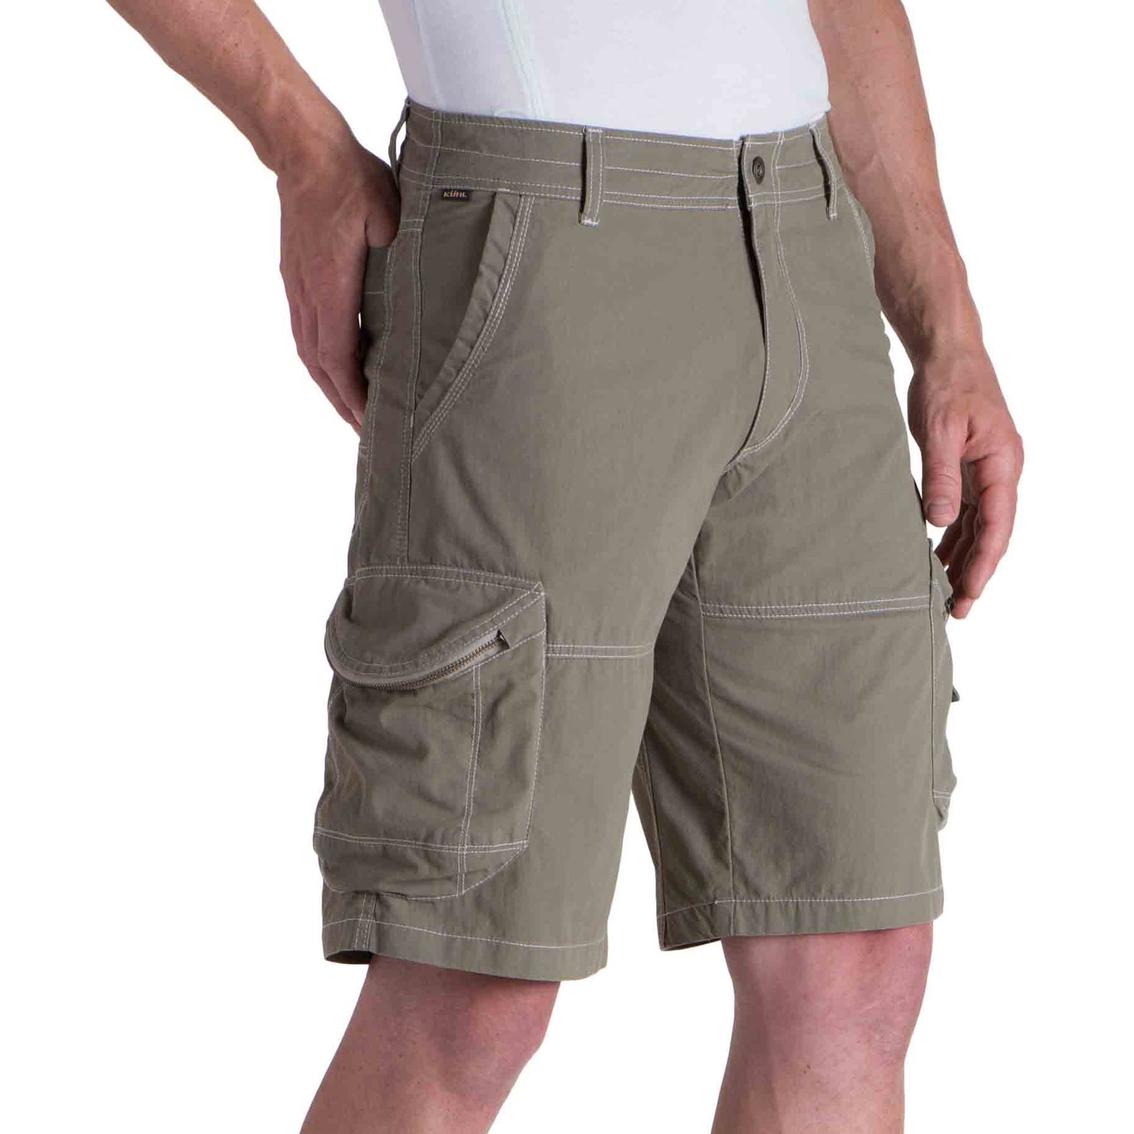 487196a4f3 Kuhl Ambush Cargo Shorts   Shorts   Father's Day Shop   Shop The ...